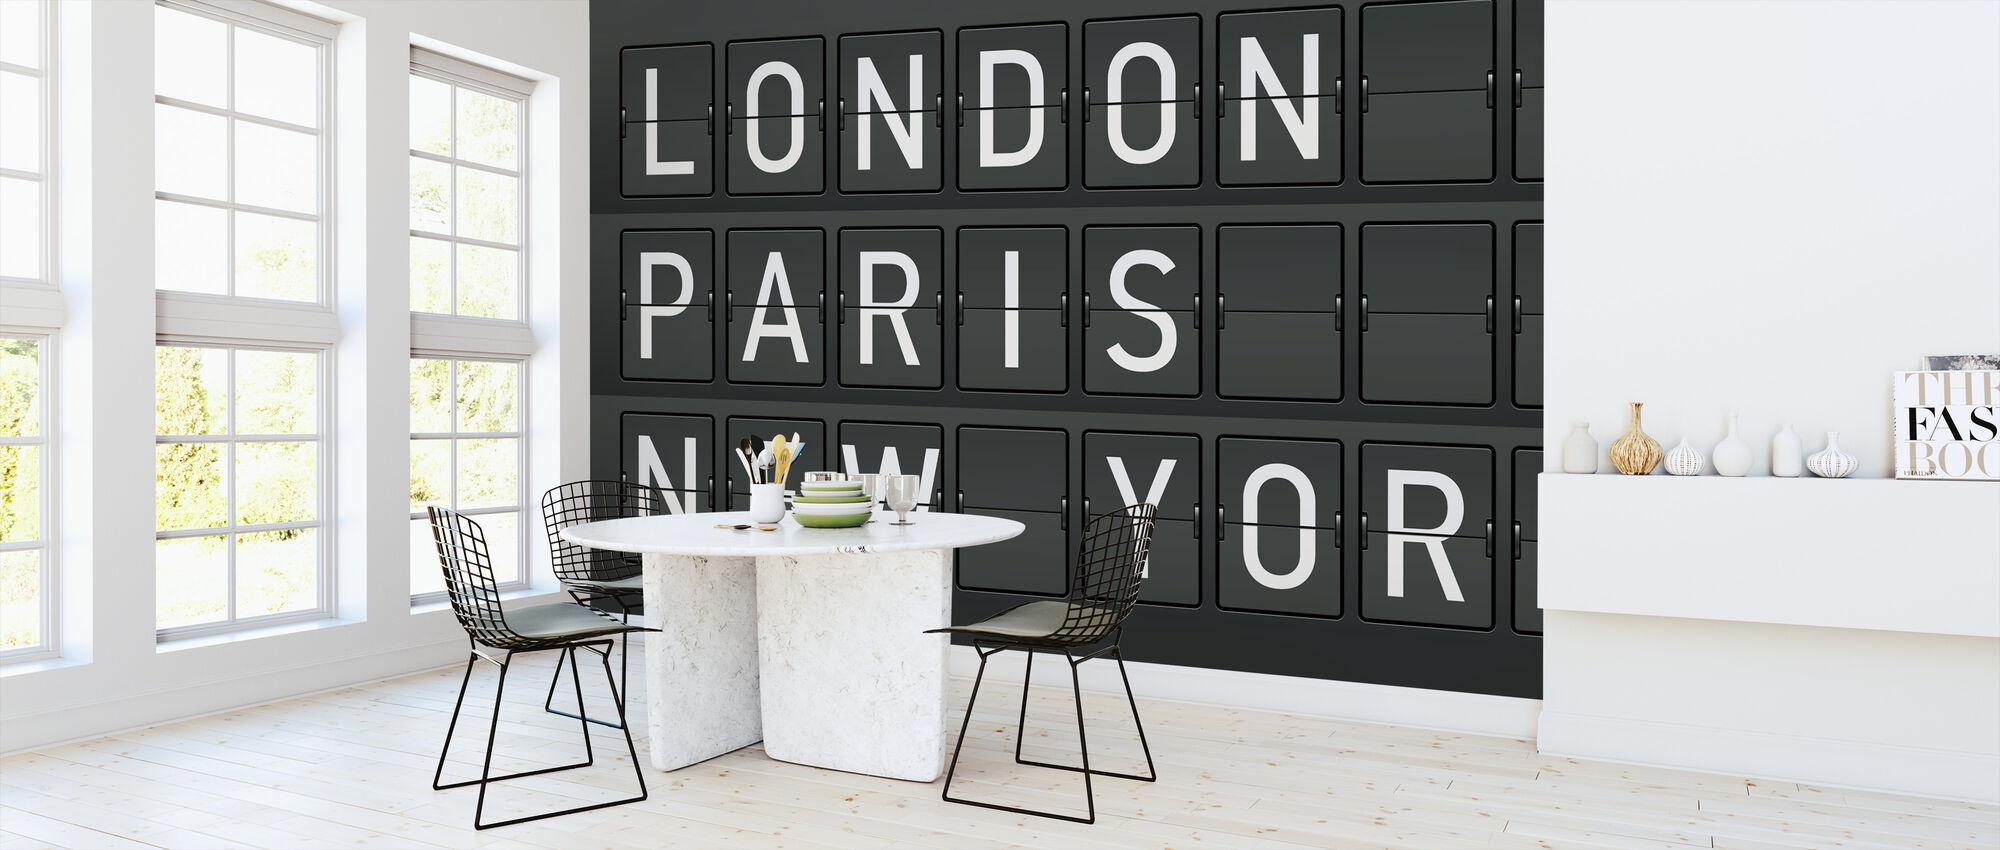 Londen - Parijs - New York - Behang - Keuken